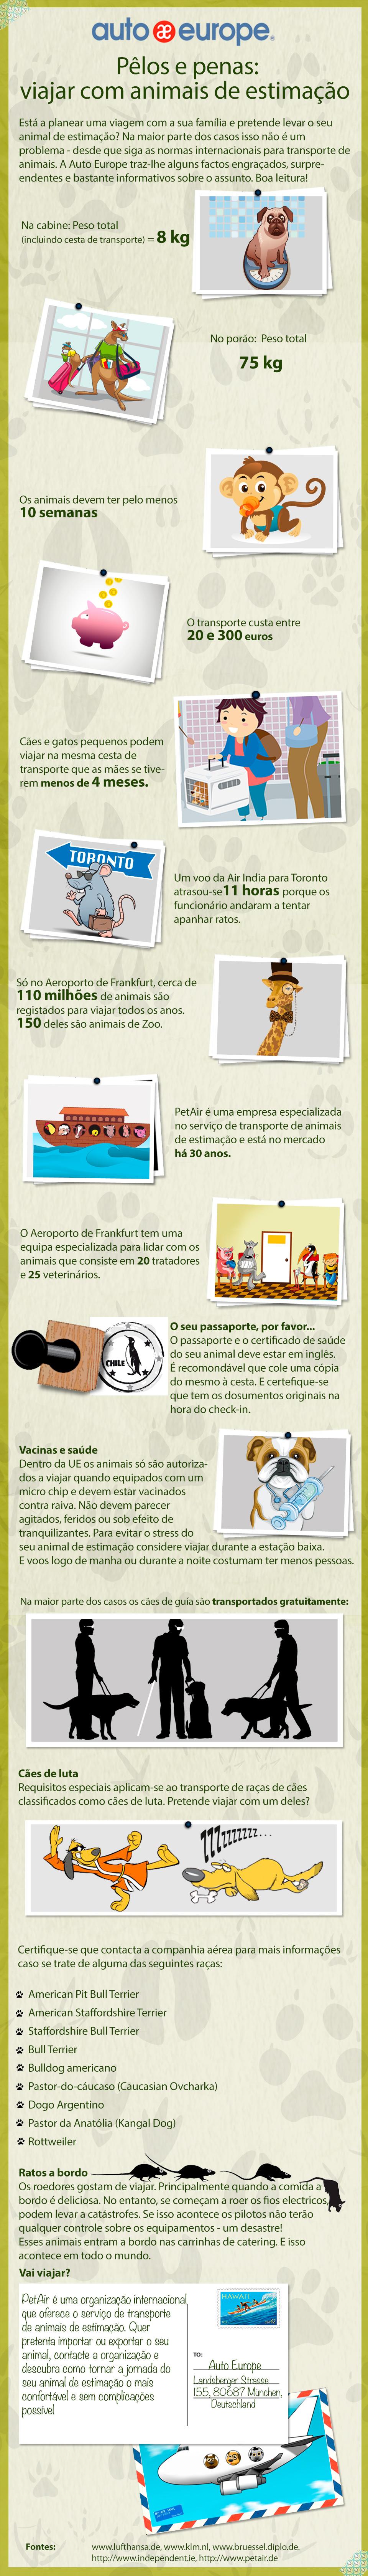 Inforgráfico: Viajar com animais de estimação